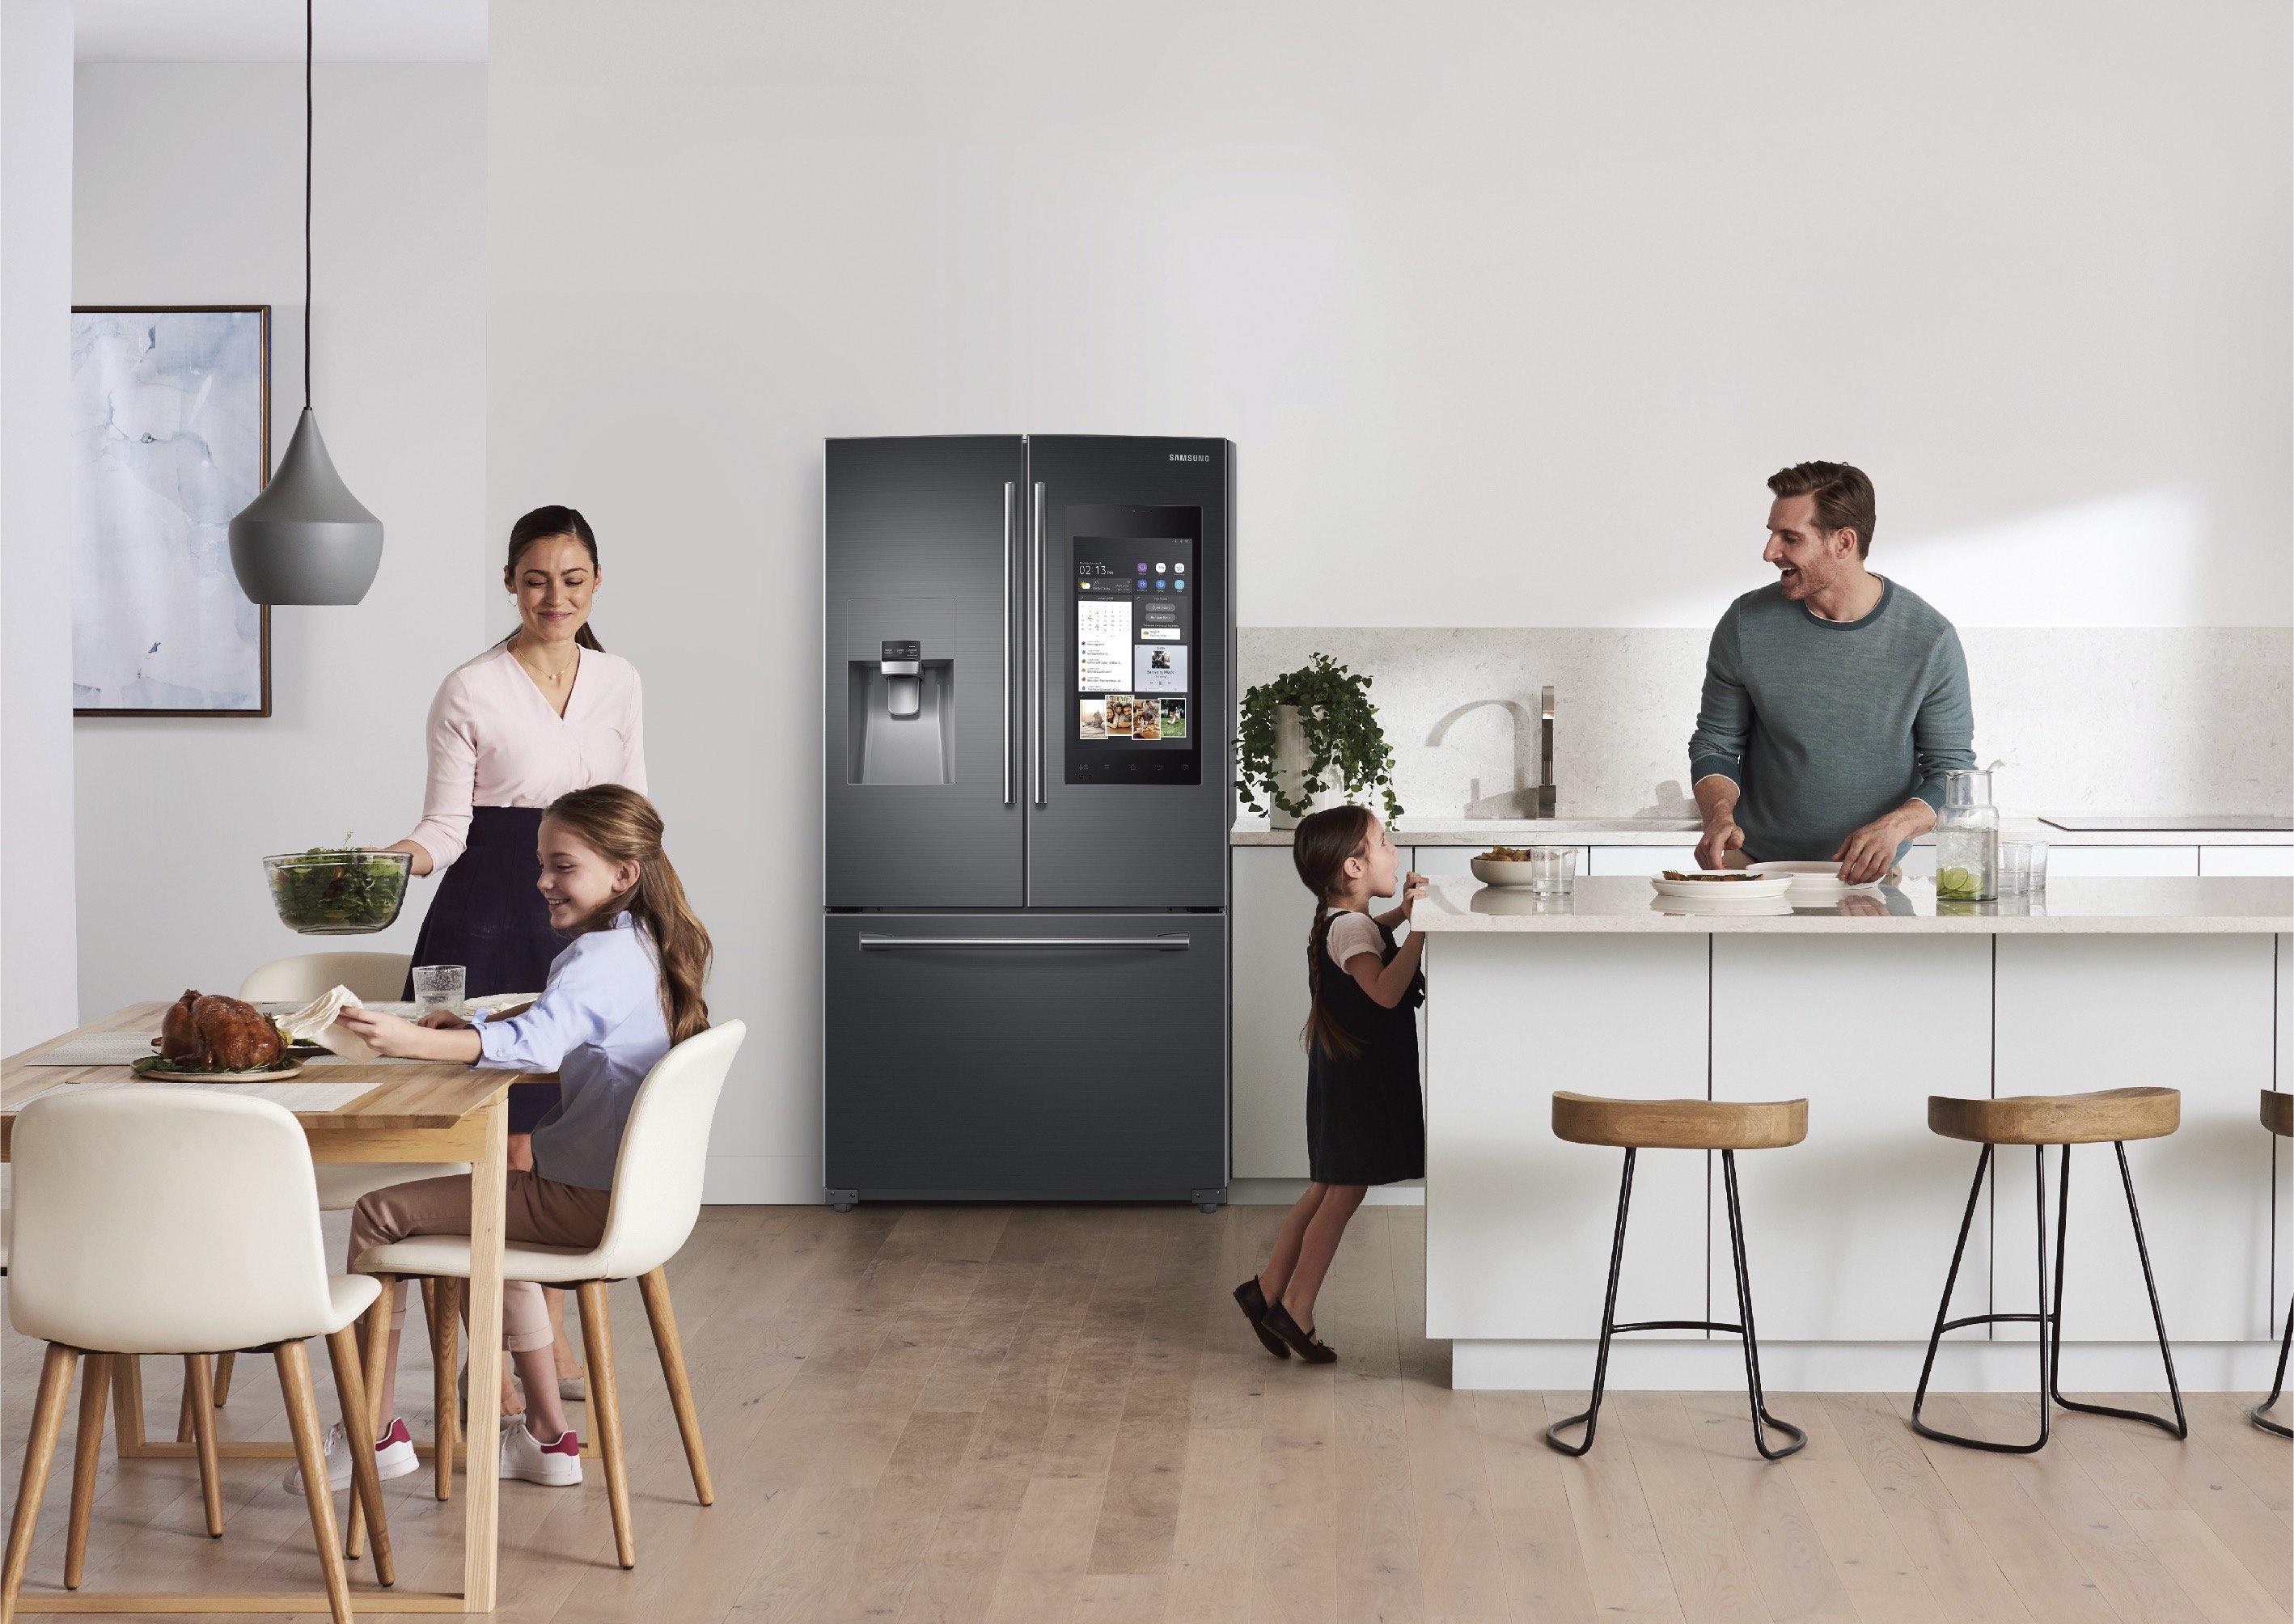 La Inteligencia Artificial llega a la cocina de su hogar con Smart Things